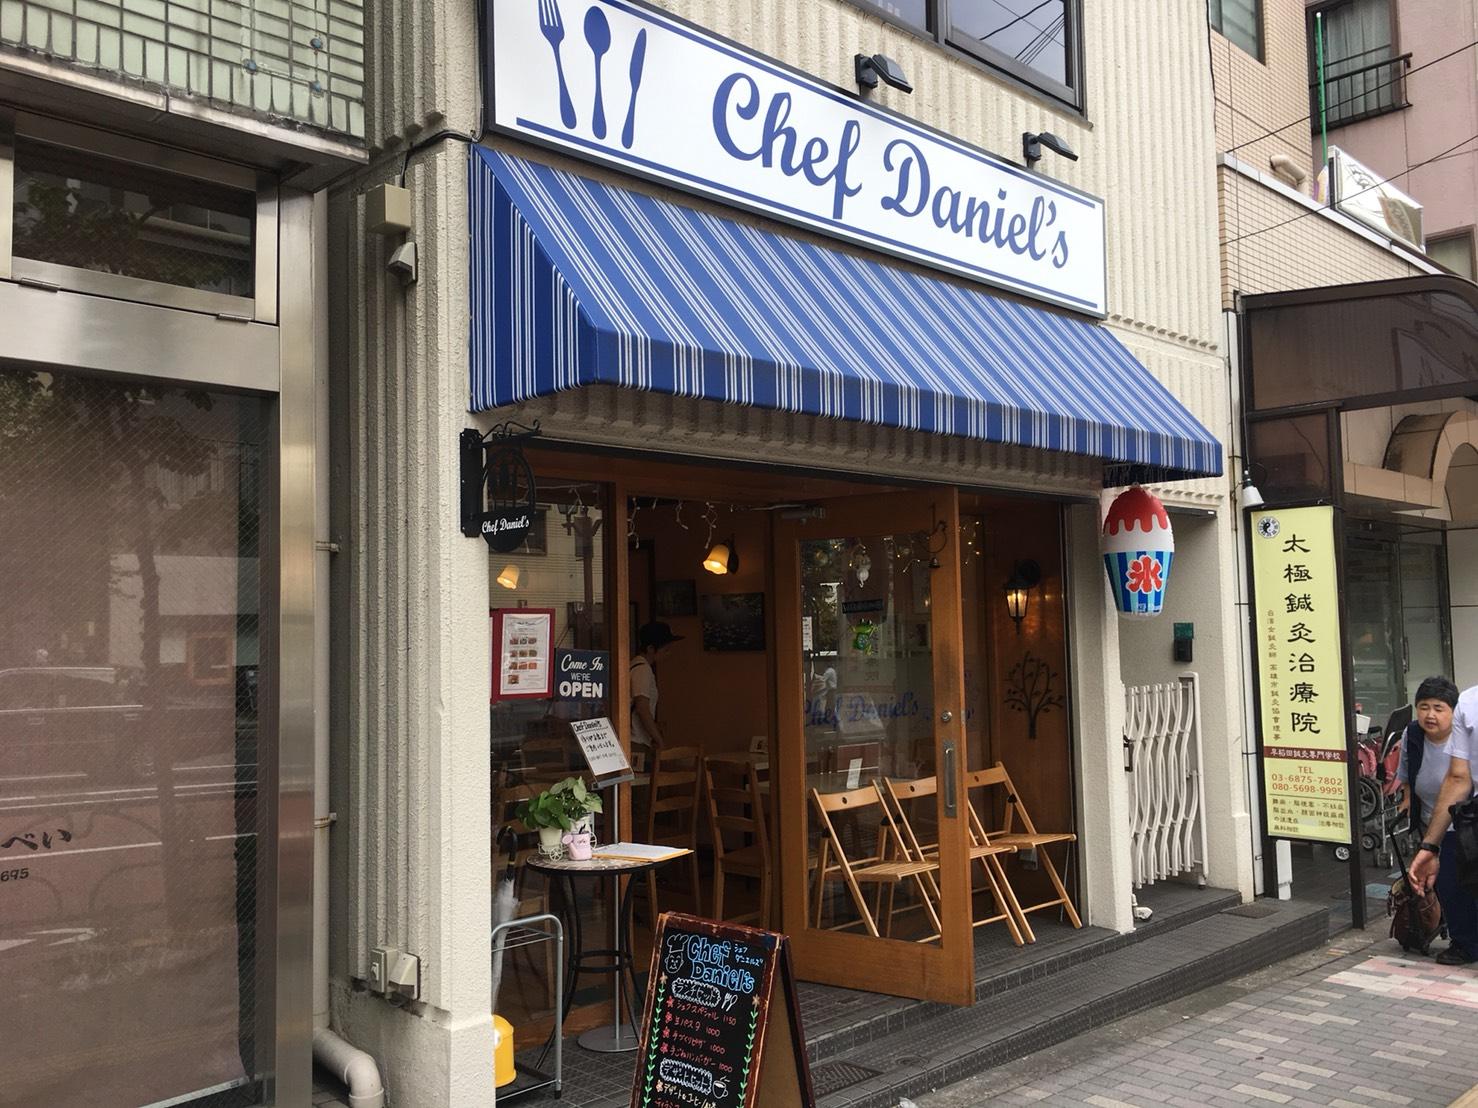 【駒込駅】外国人シェフのイタリアン「Chef Daniel's」超カワイイの外観